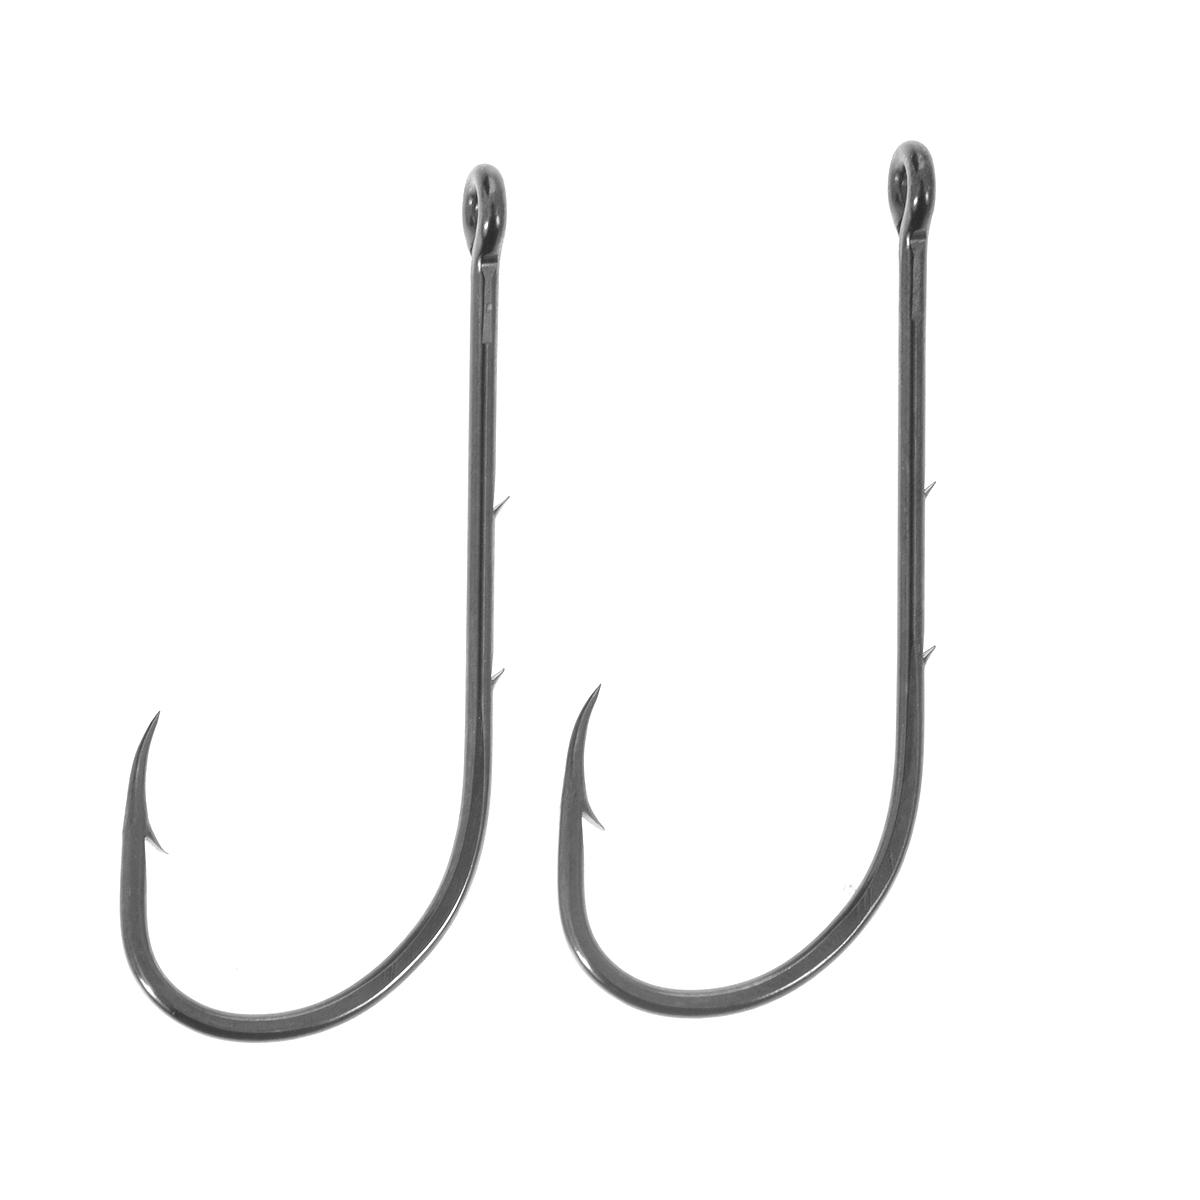 Крючки рыболовные Cobra Baitholder, цвет: черный, размер 10/0, 2 штC1101NSB-008Классическая форма крупных крючков Cobra Baitholder c круглым загибом и отогнутым в сторону цевья жалом. Рекомендуется для ловли самой крупной трофейной рыбы. Благодаря двум дополнительным бородкам на цевье, прочно удерживают любую насадку.